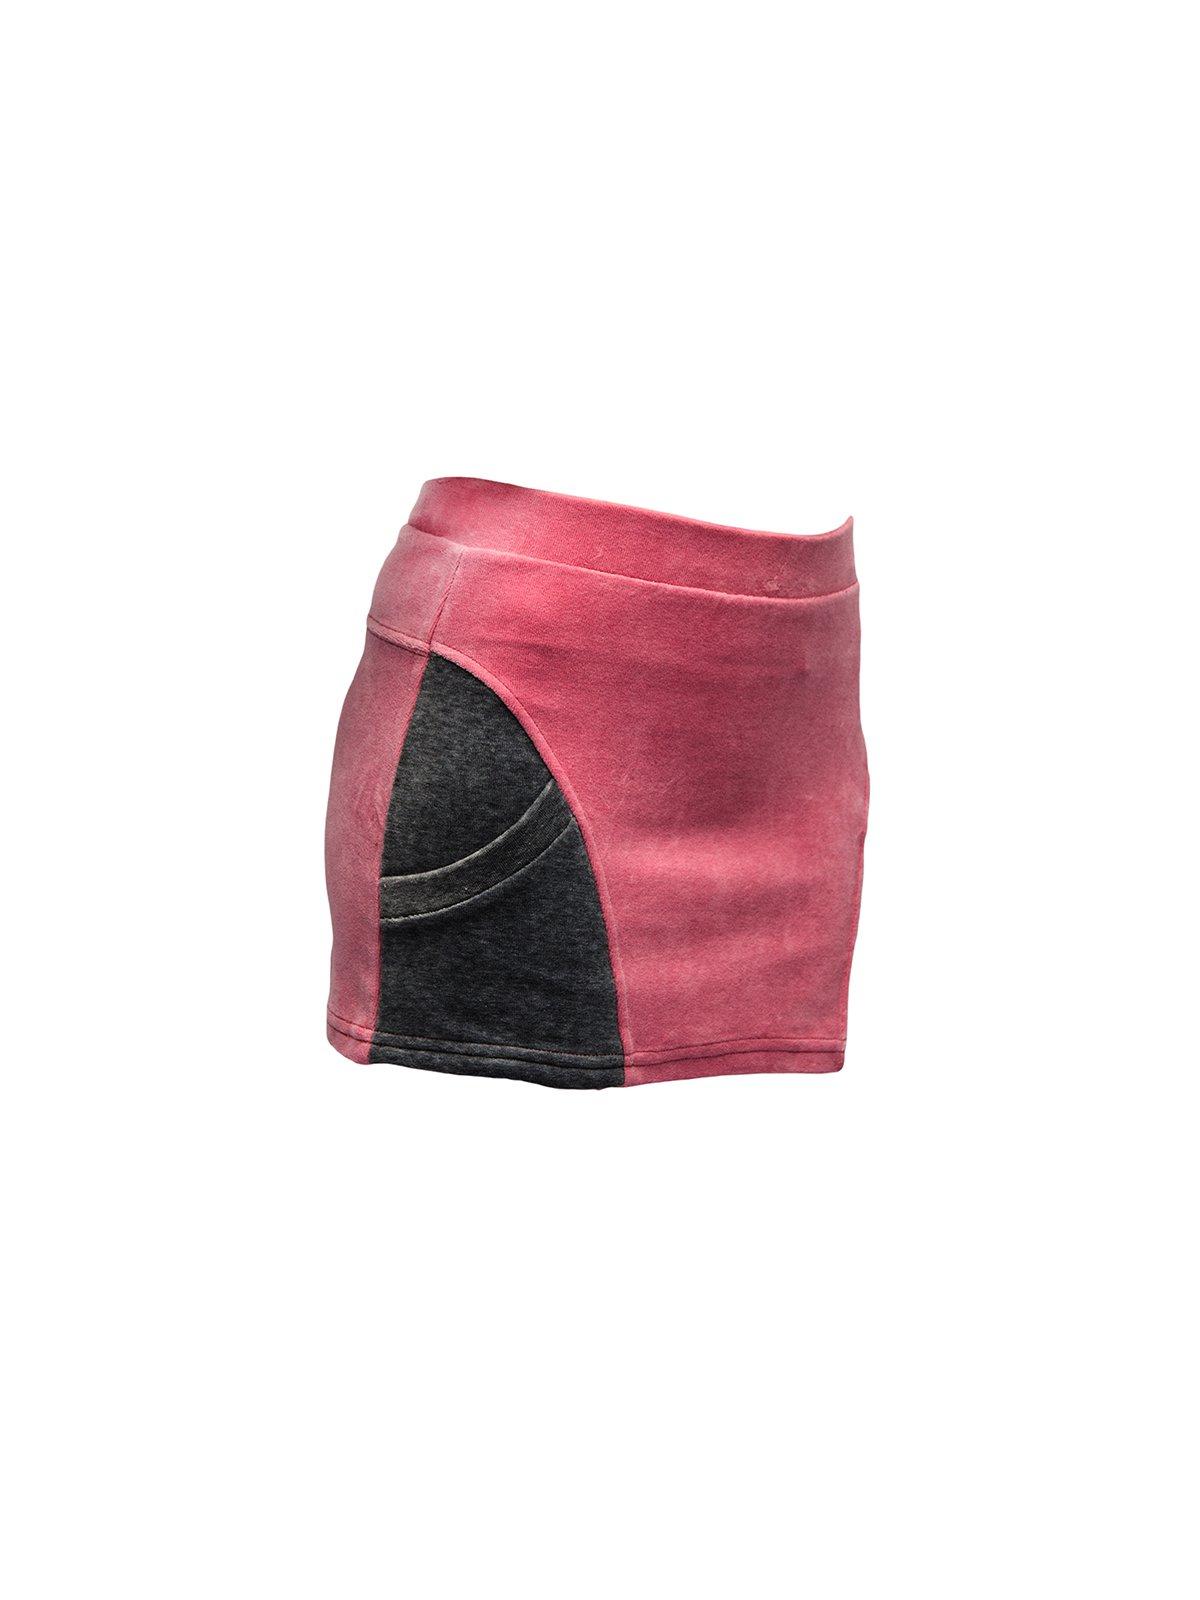 Юбка розовая велюровая | 3133220